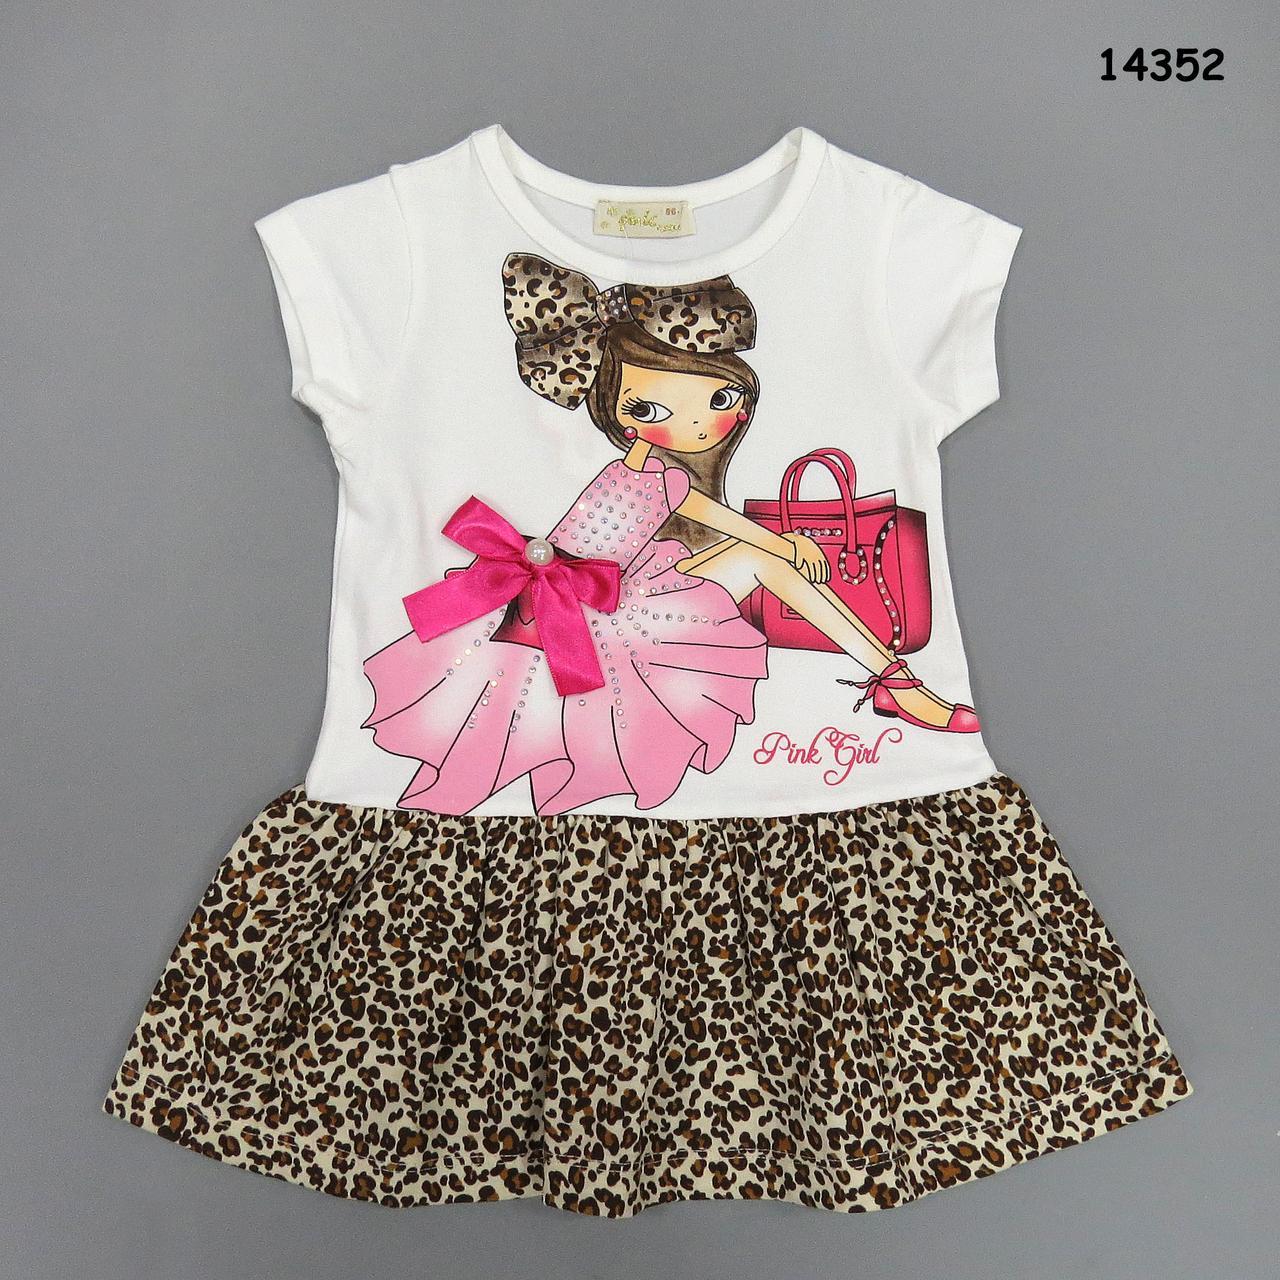 6b4c4f2e224674d Летнее платье для девочки. 1, 2 года - Детская одежда и товары